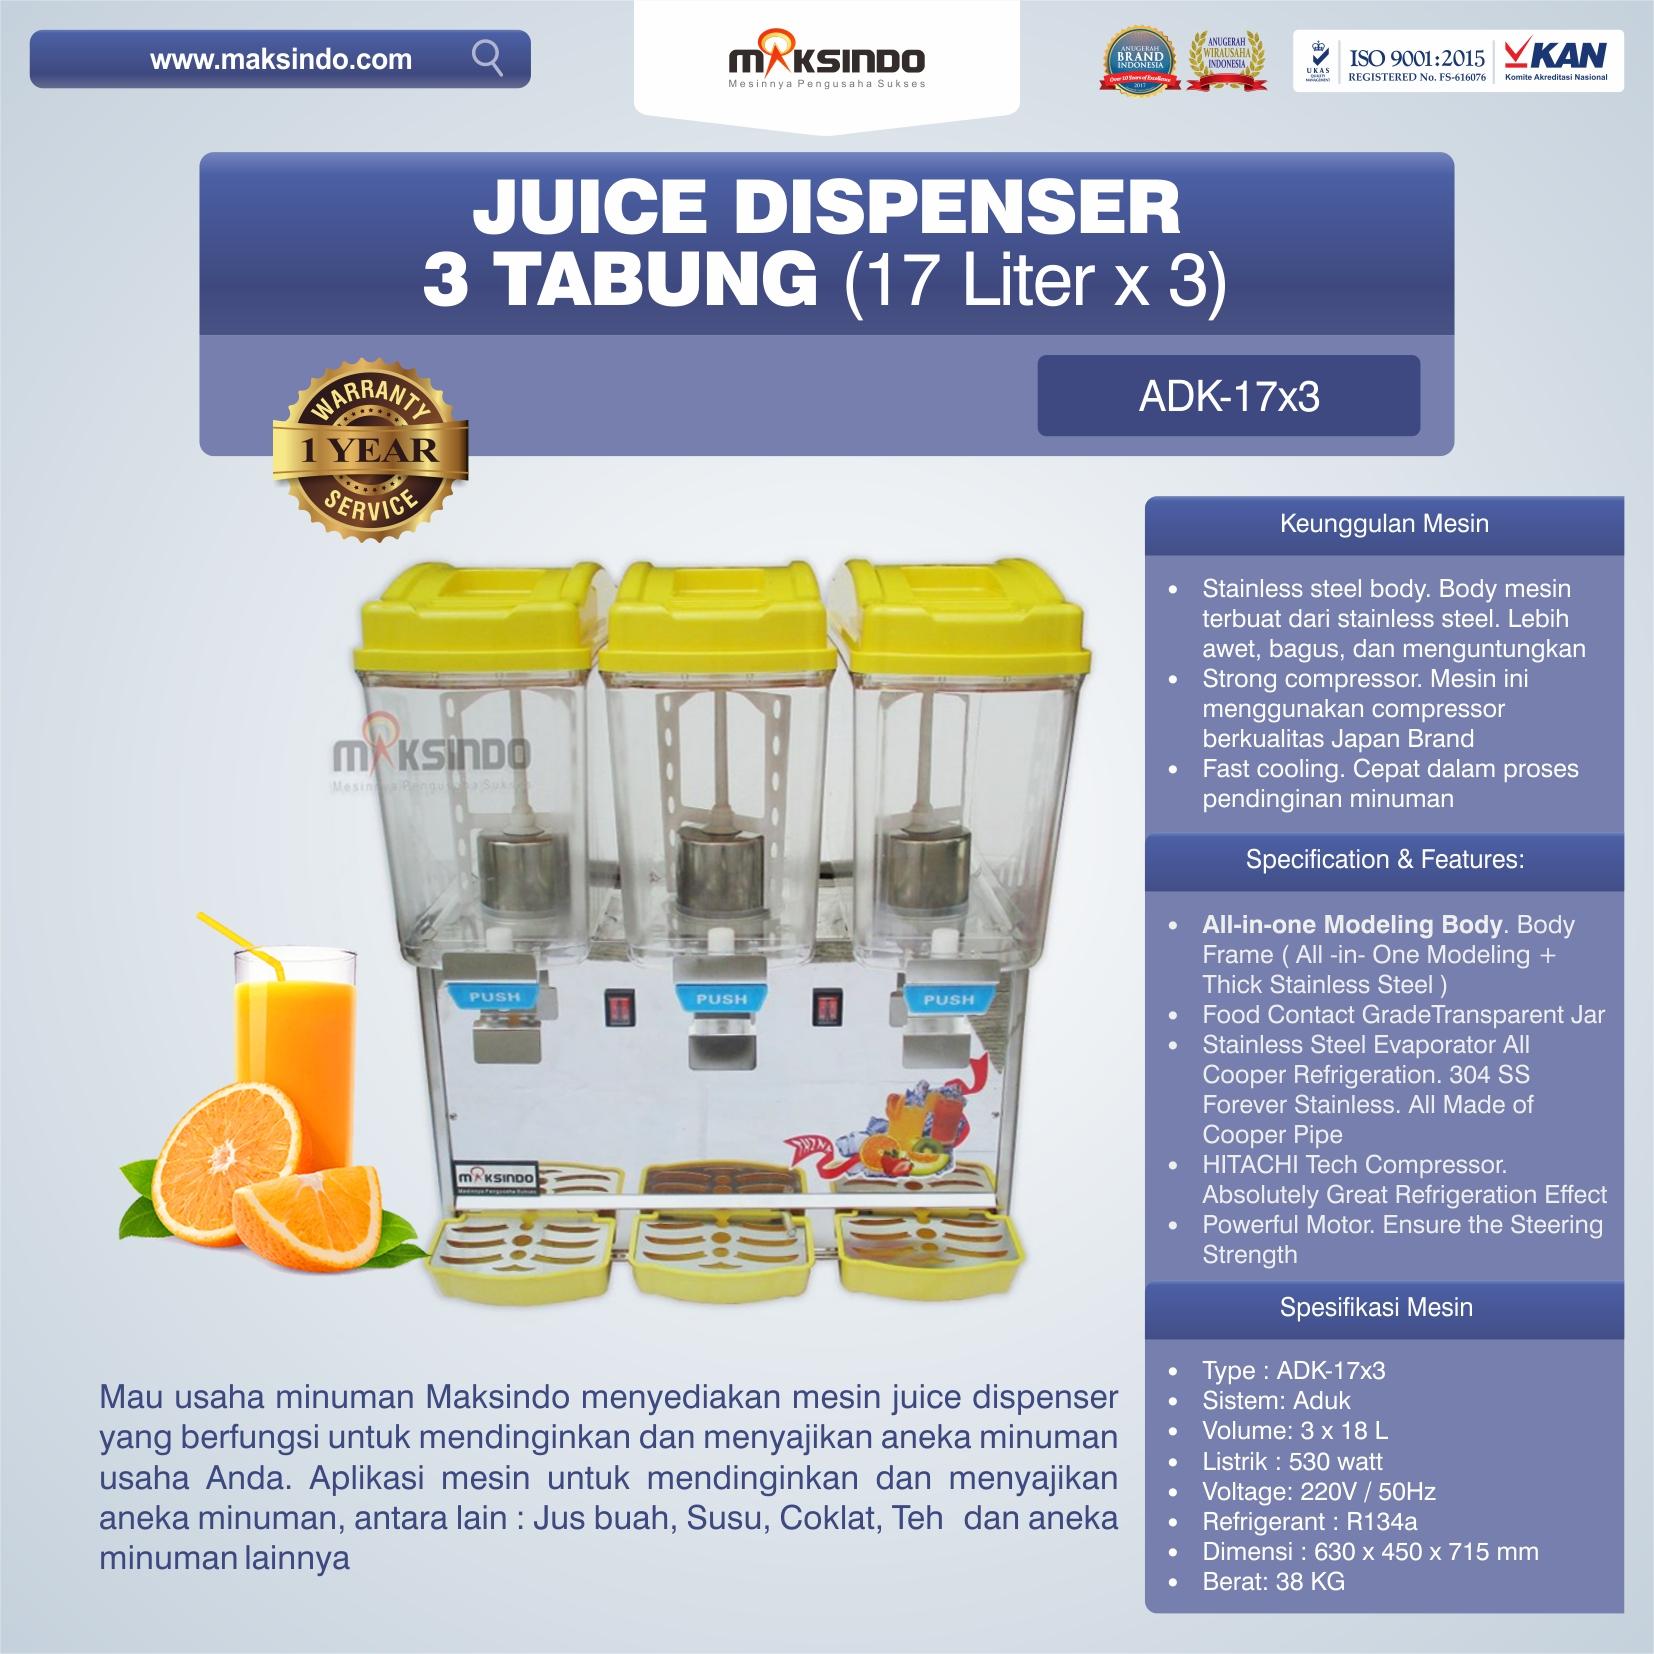 Jual Mesin Juice Dispenser 3 Tabung (17 Liter)-ADK-17×3 di Bekasi